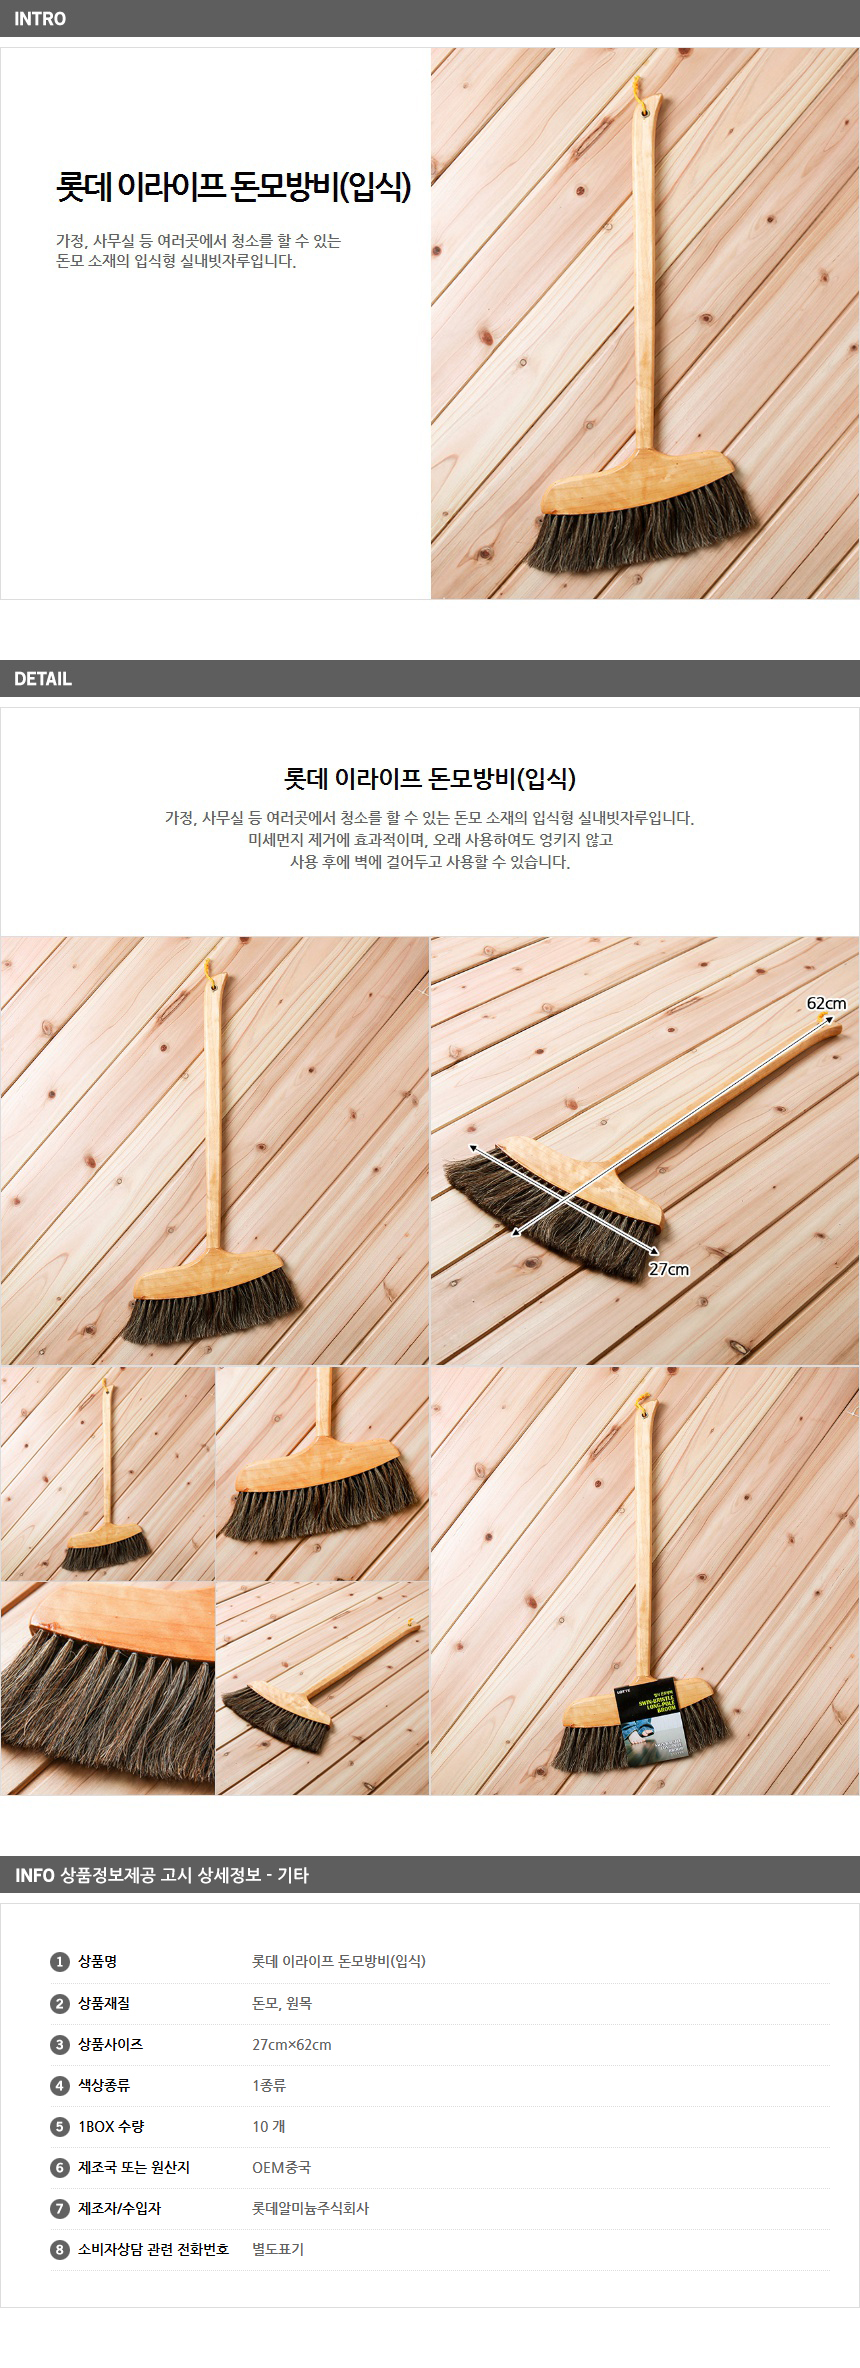 롯데 이라이프 돈모방비(입식) - 기프트갓, 8,810원, 청소도구, 밀대패드